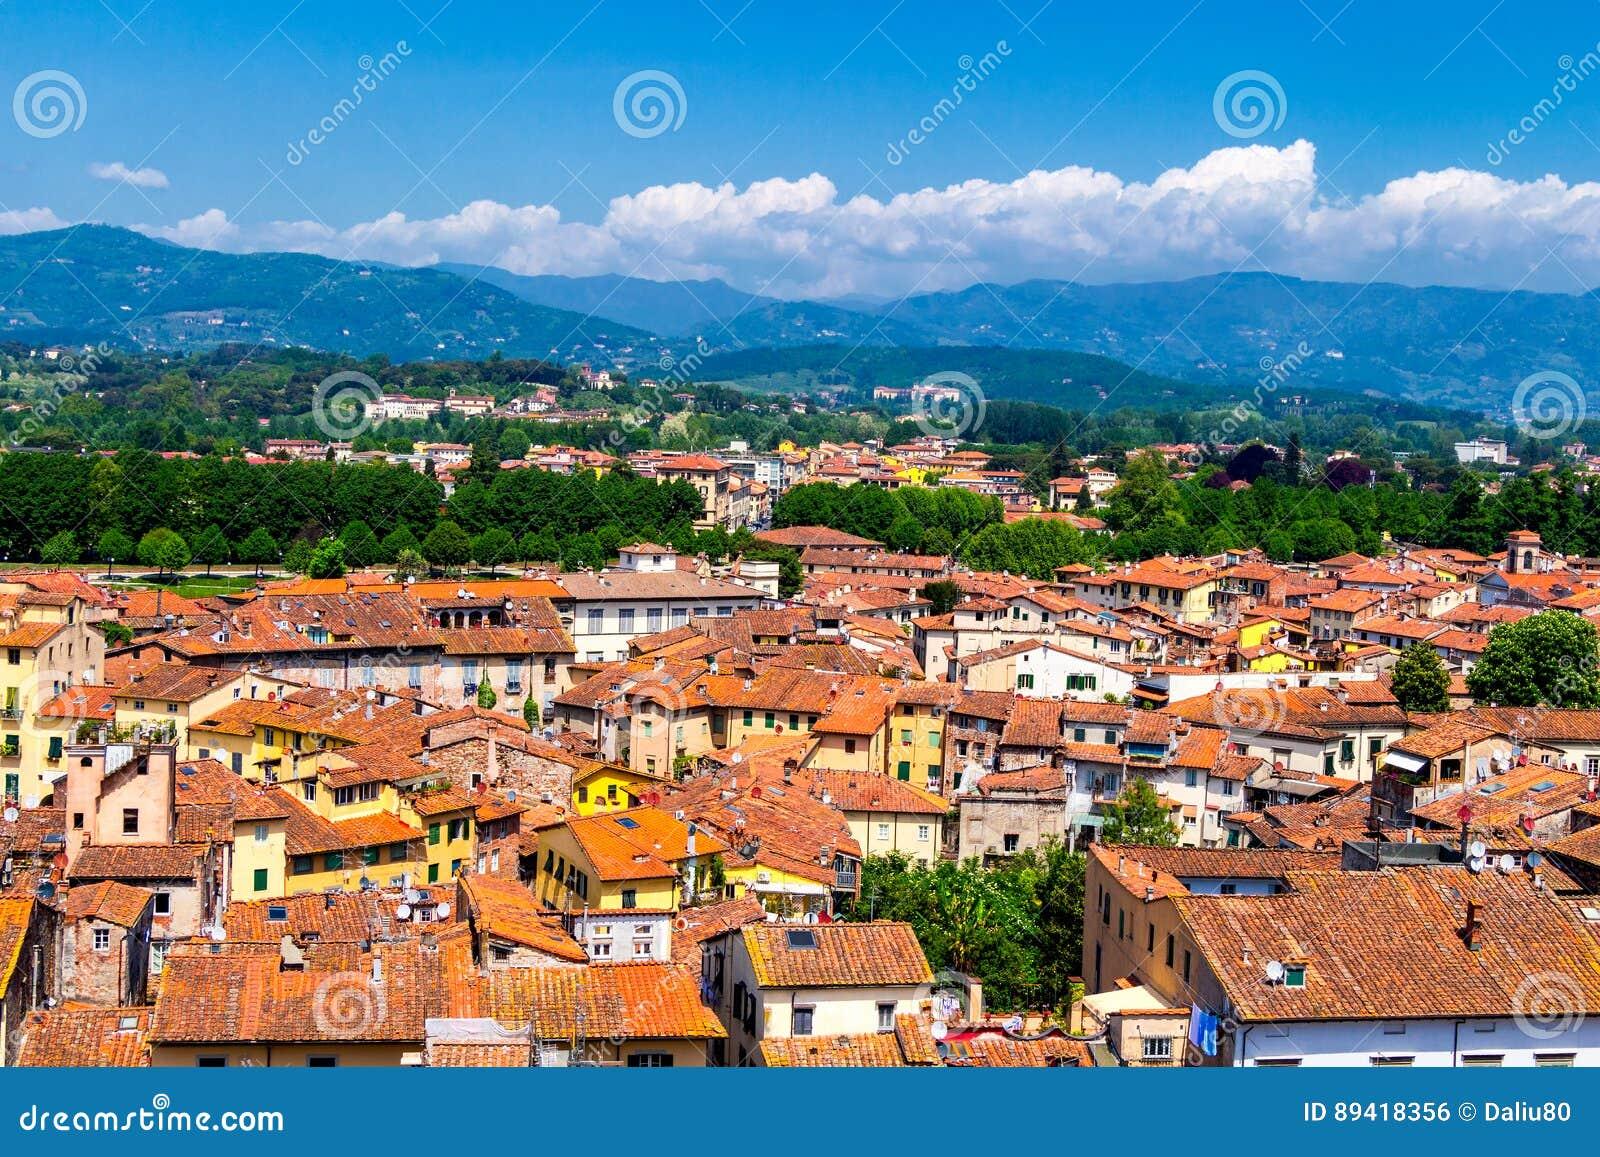 Vista sobre a cidade italiana Lucca com os telhados típicos da terracota